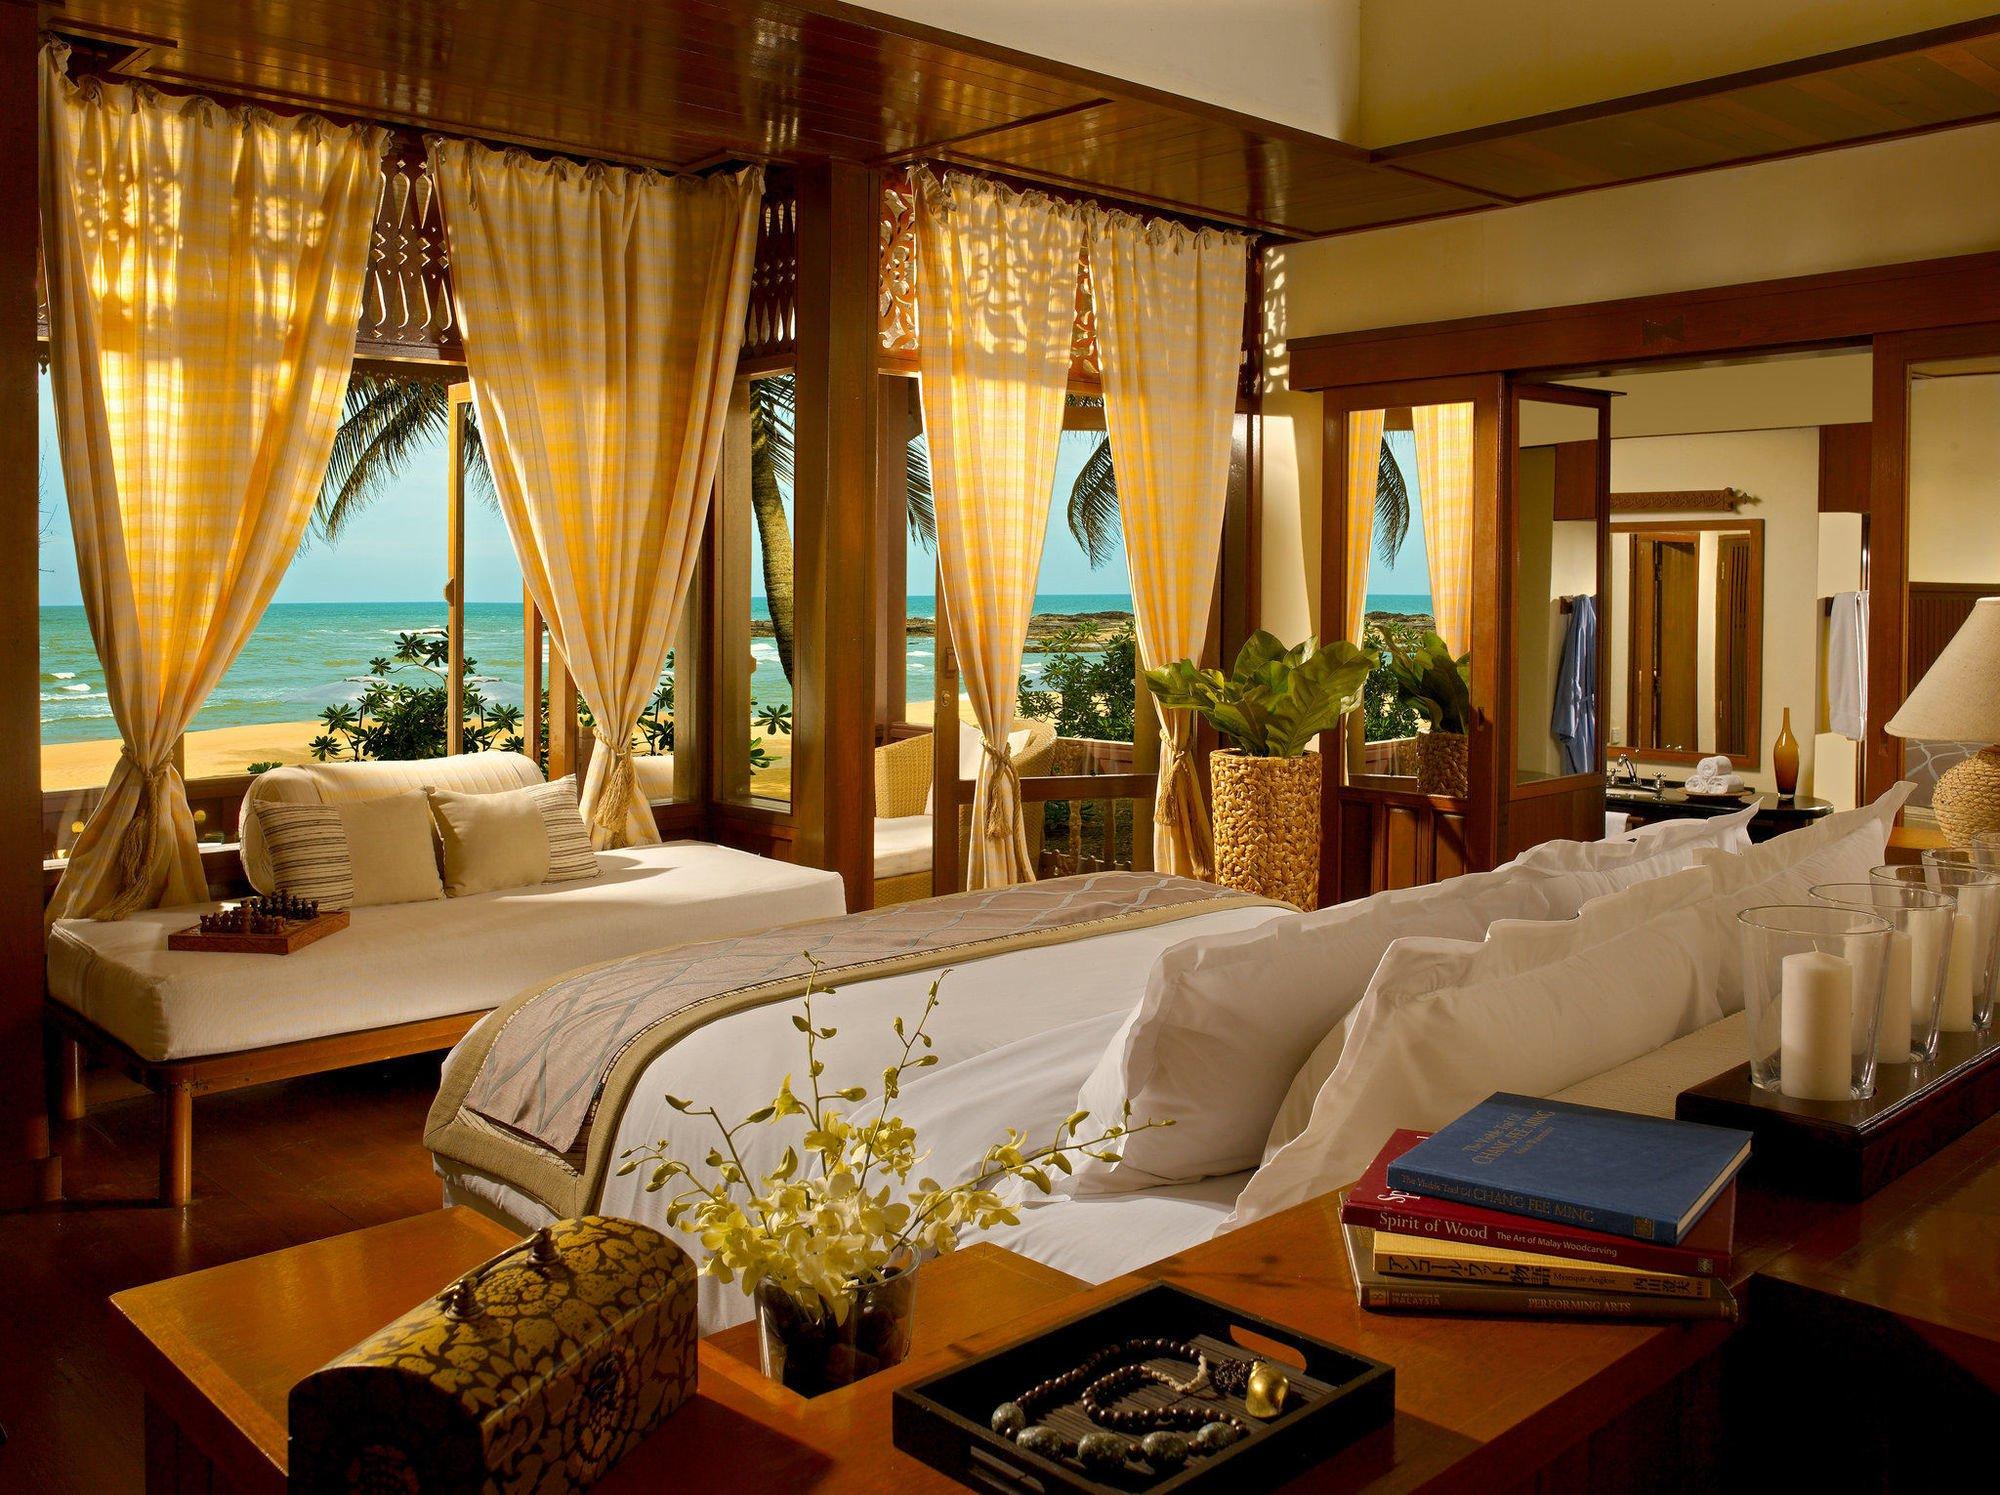 tanjong-jara-resort-photos-exterior-guest-room